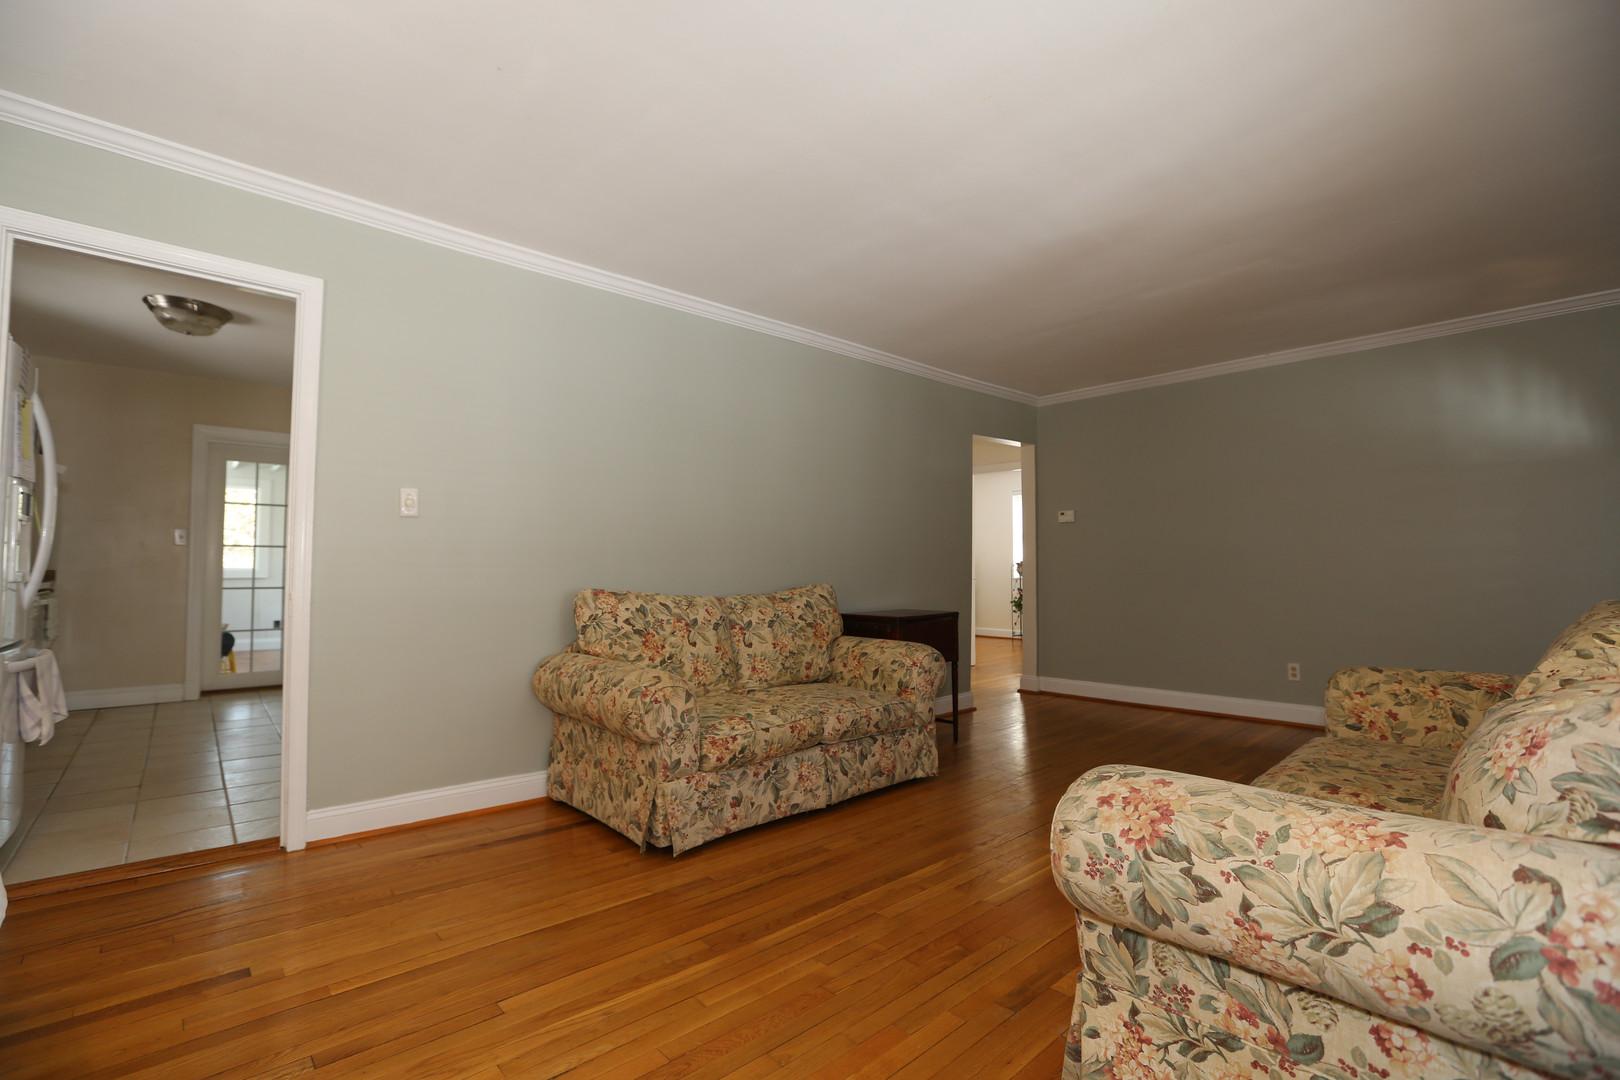 05-3 Living Room.jpg